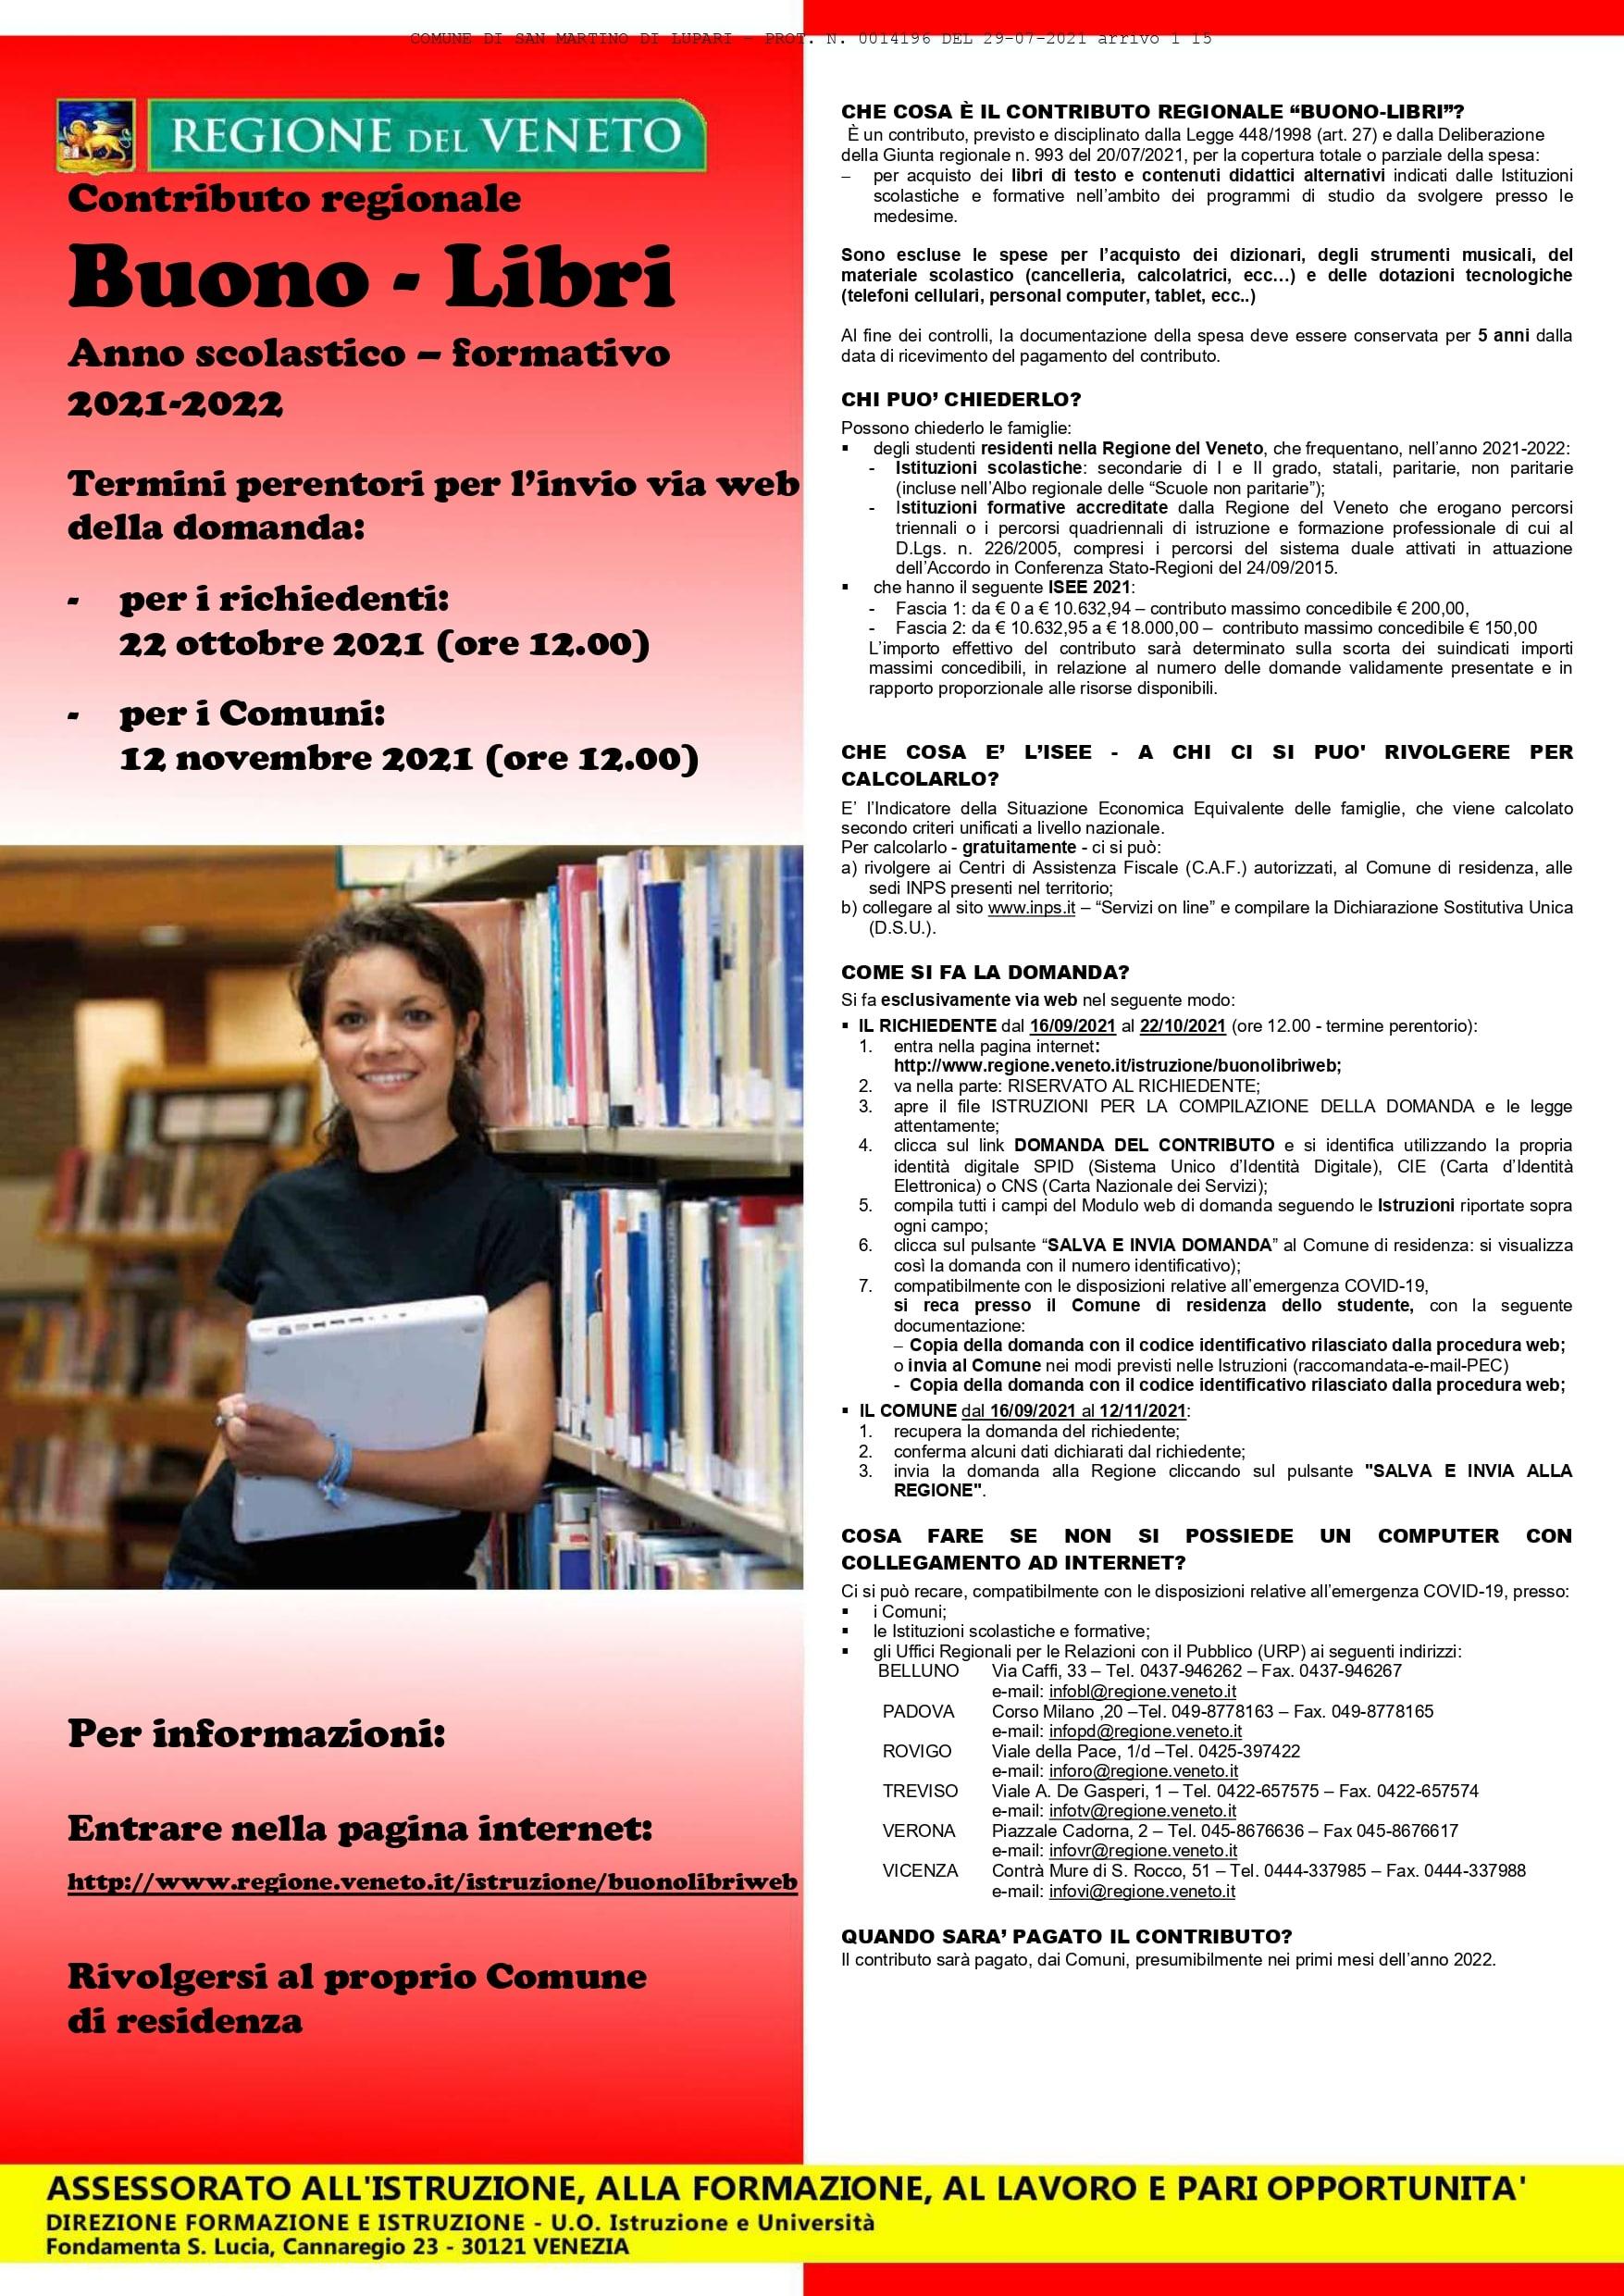 CONTRIBUTO REGIONALE BUONO LIBRI A.S. 2021-2022